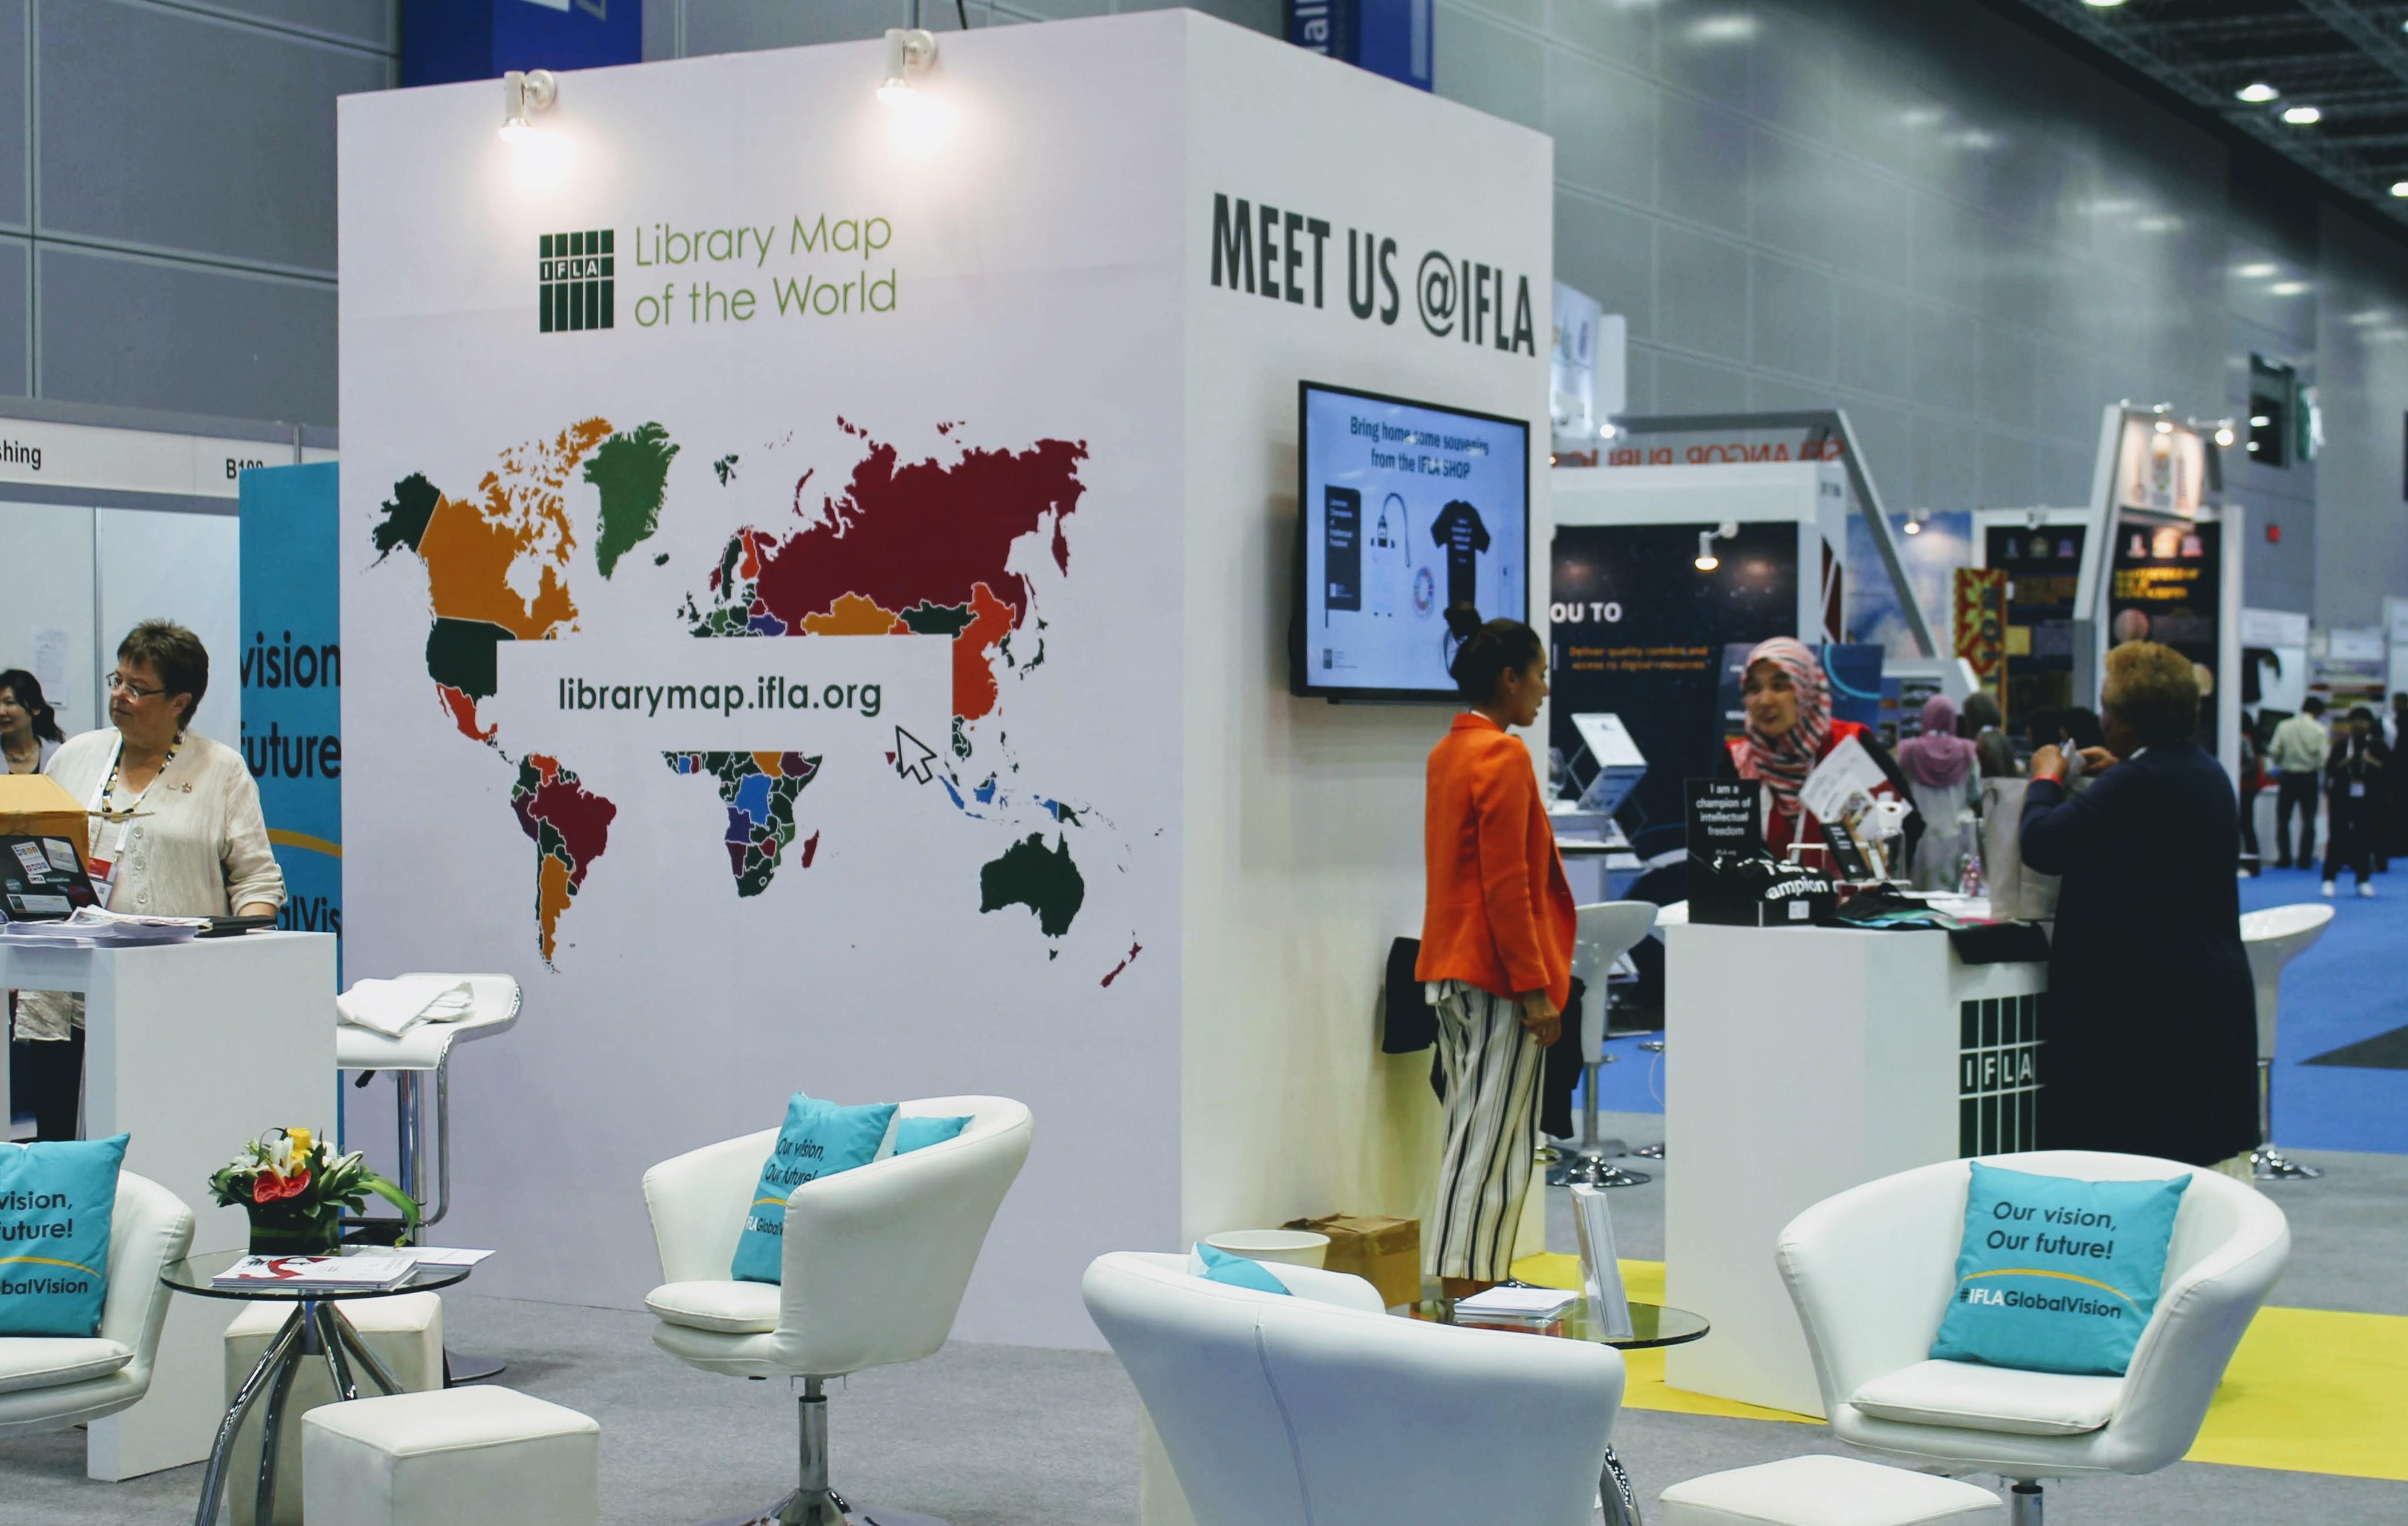 Kuva 5: Uusi Library Map of the World -palvelu oli näkyvästi esillä IFLAn näyttelyosastolla. Kuva: Pirjo Kangas